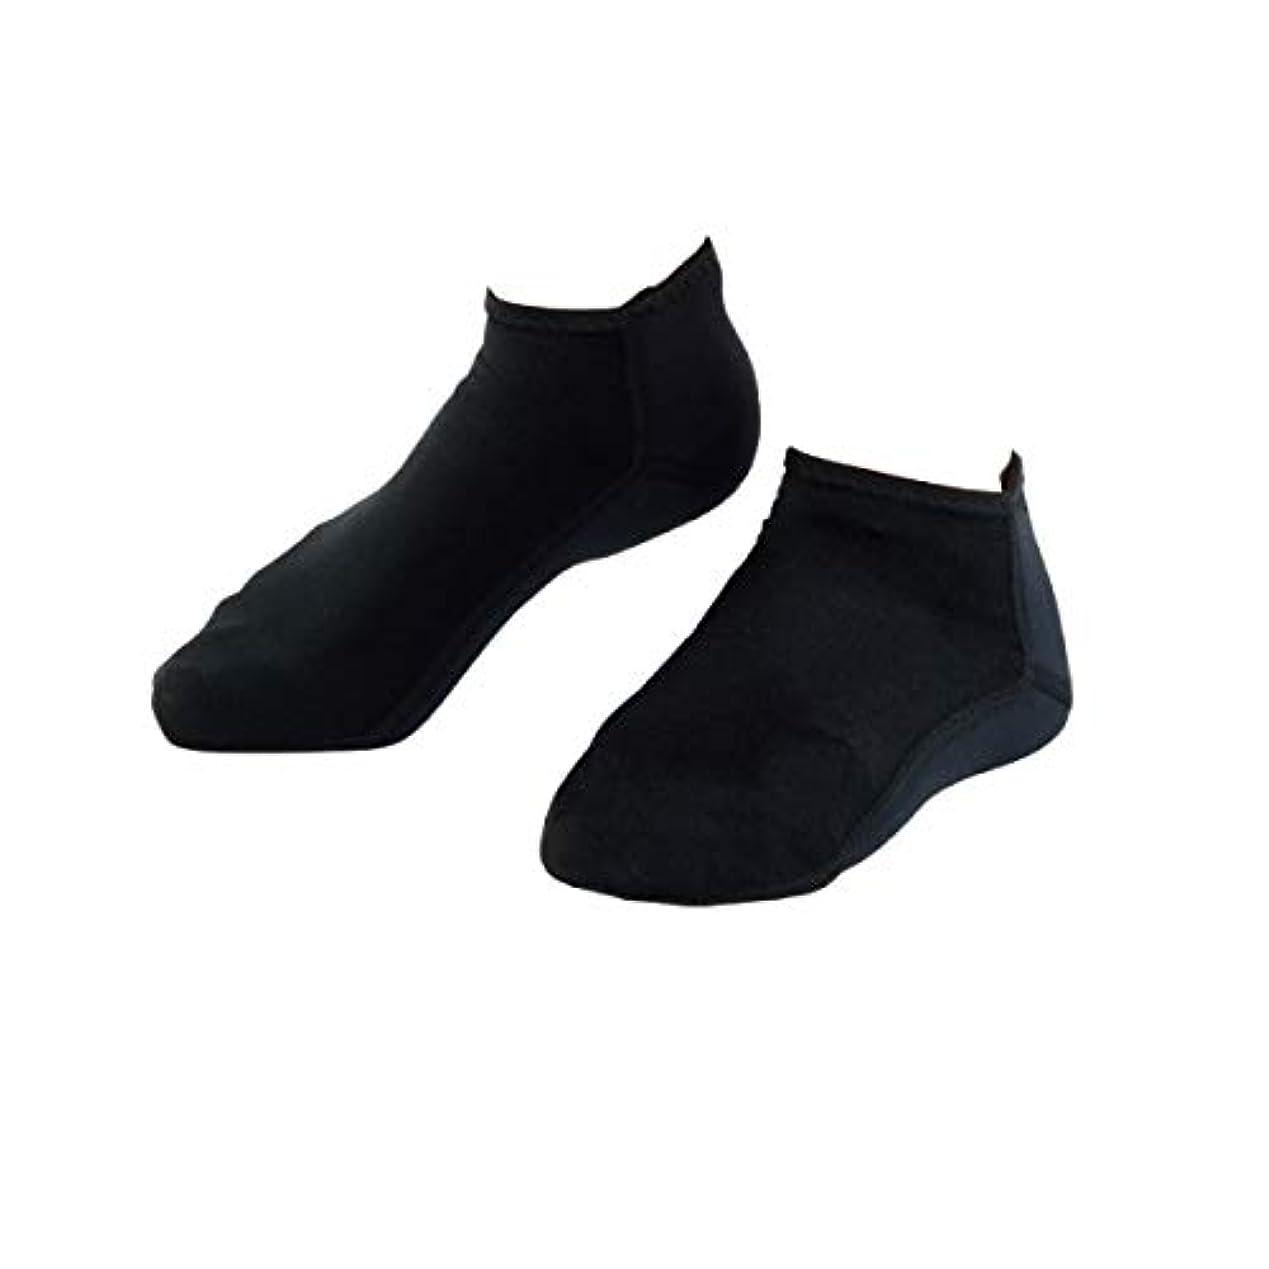 印象的不安定ラケット靴下 かかと 保湿 チタン 素足小町 フル